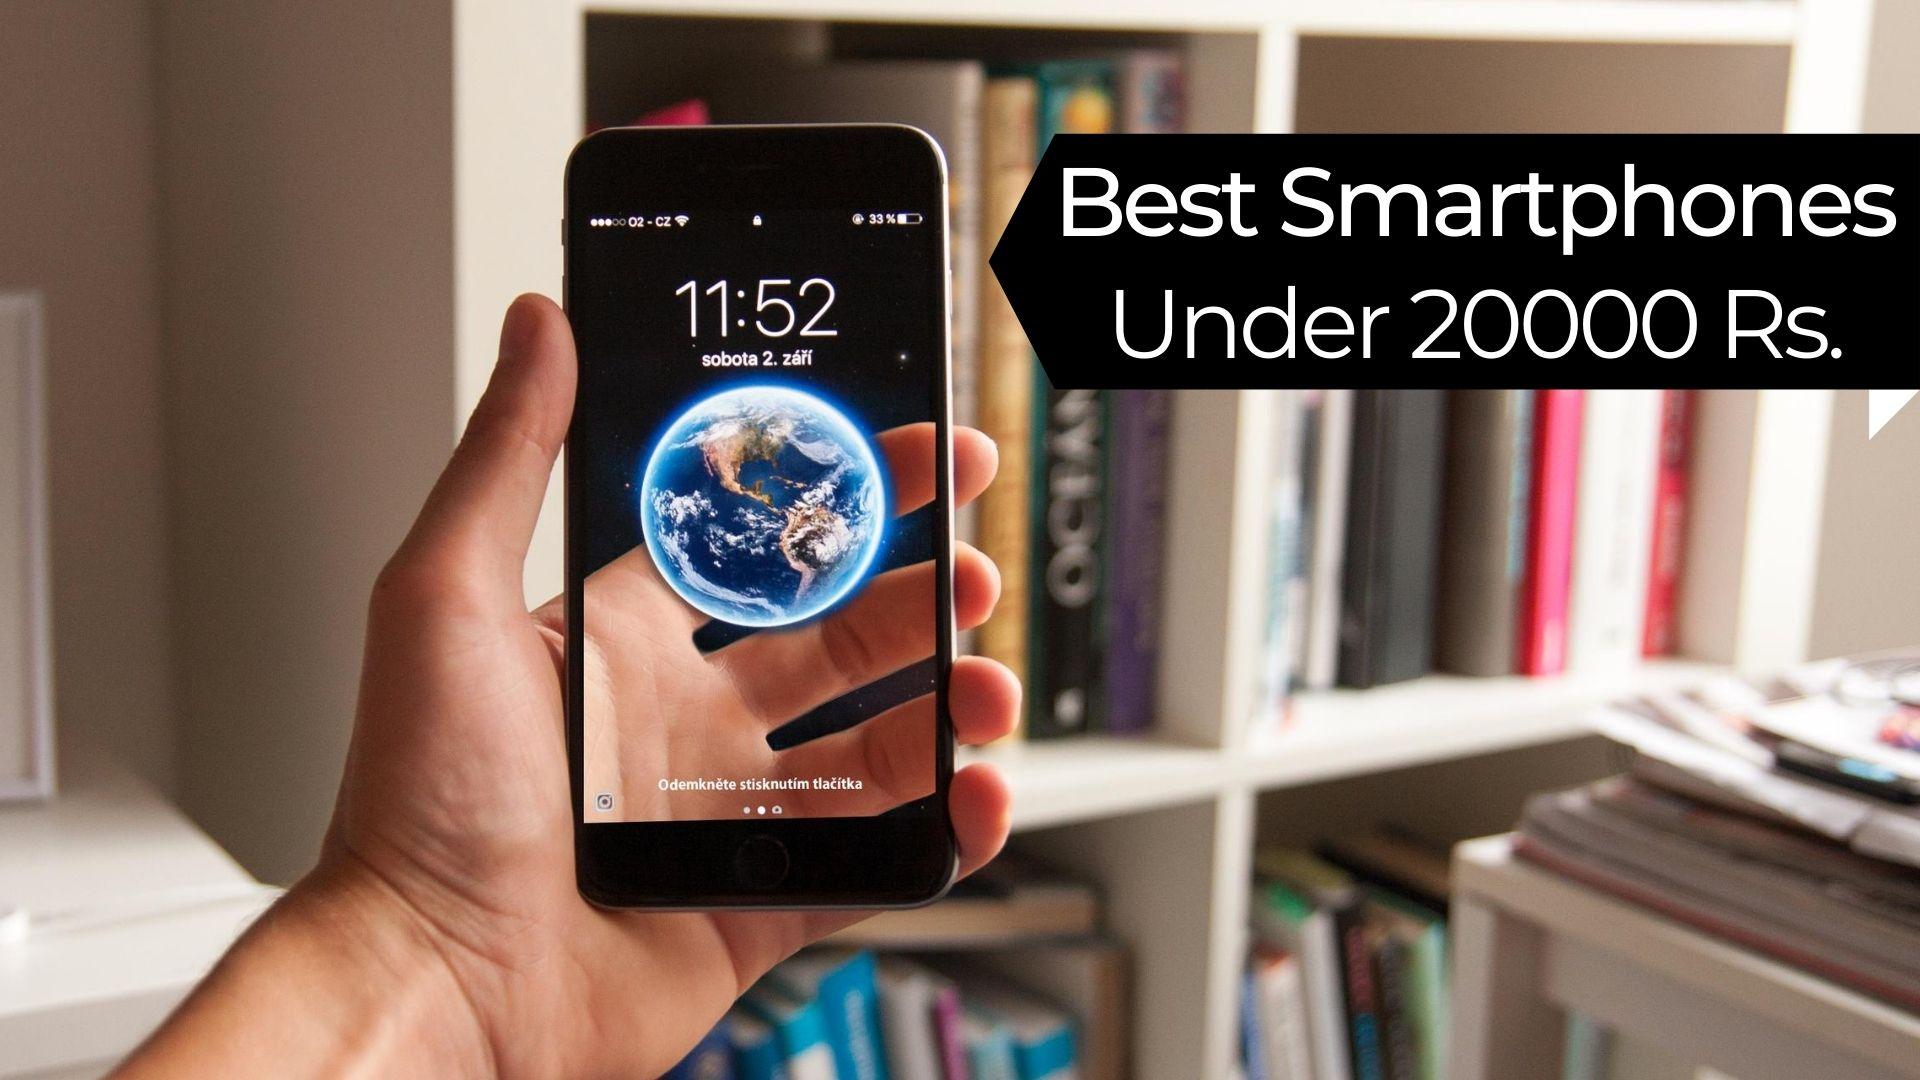 Best Smartphones Under 20000 Rupees